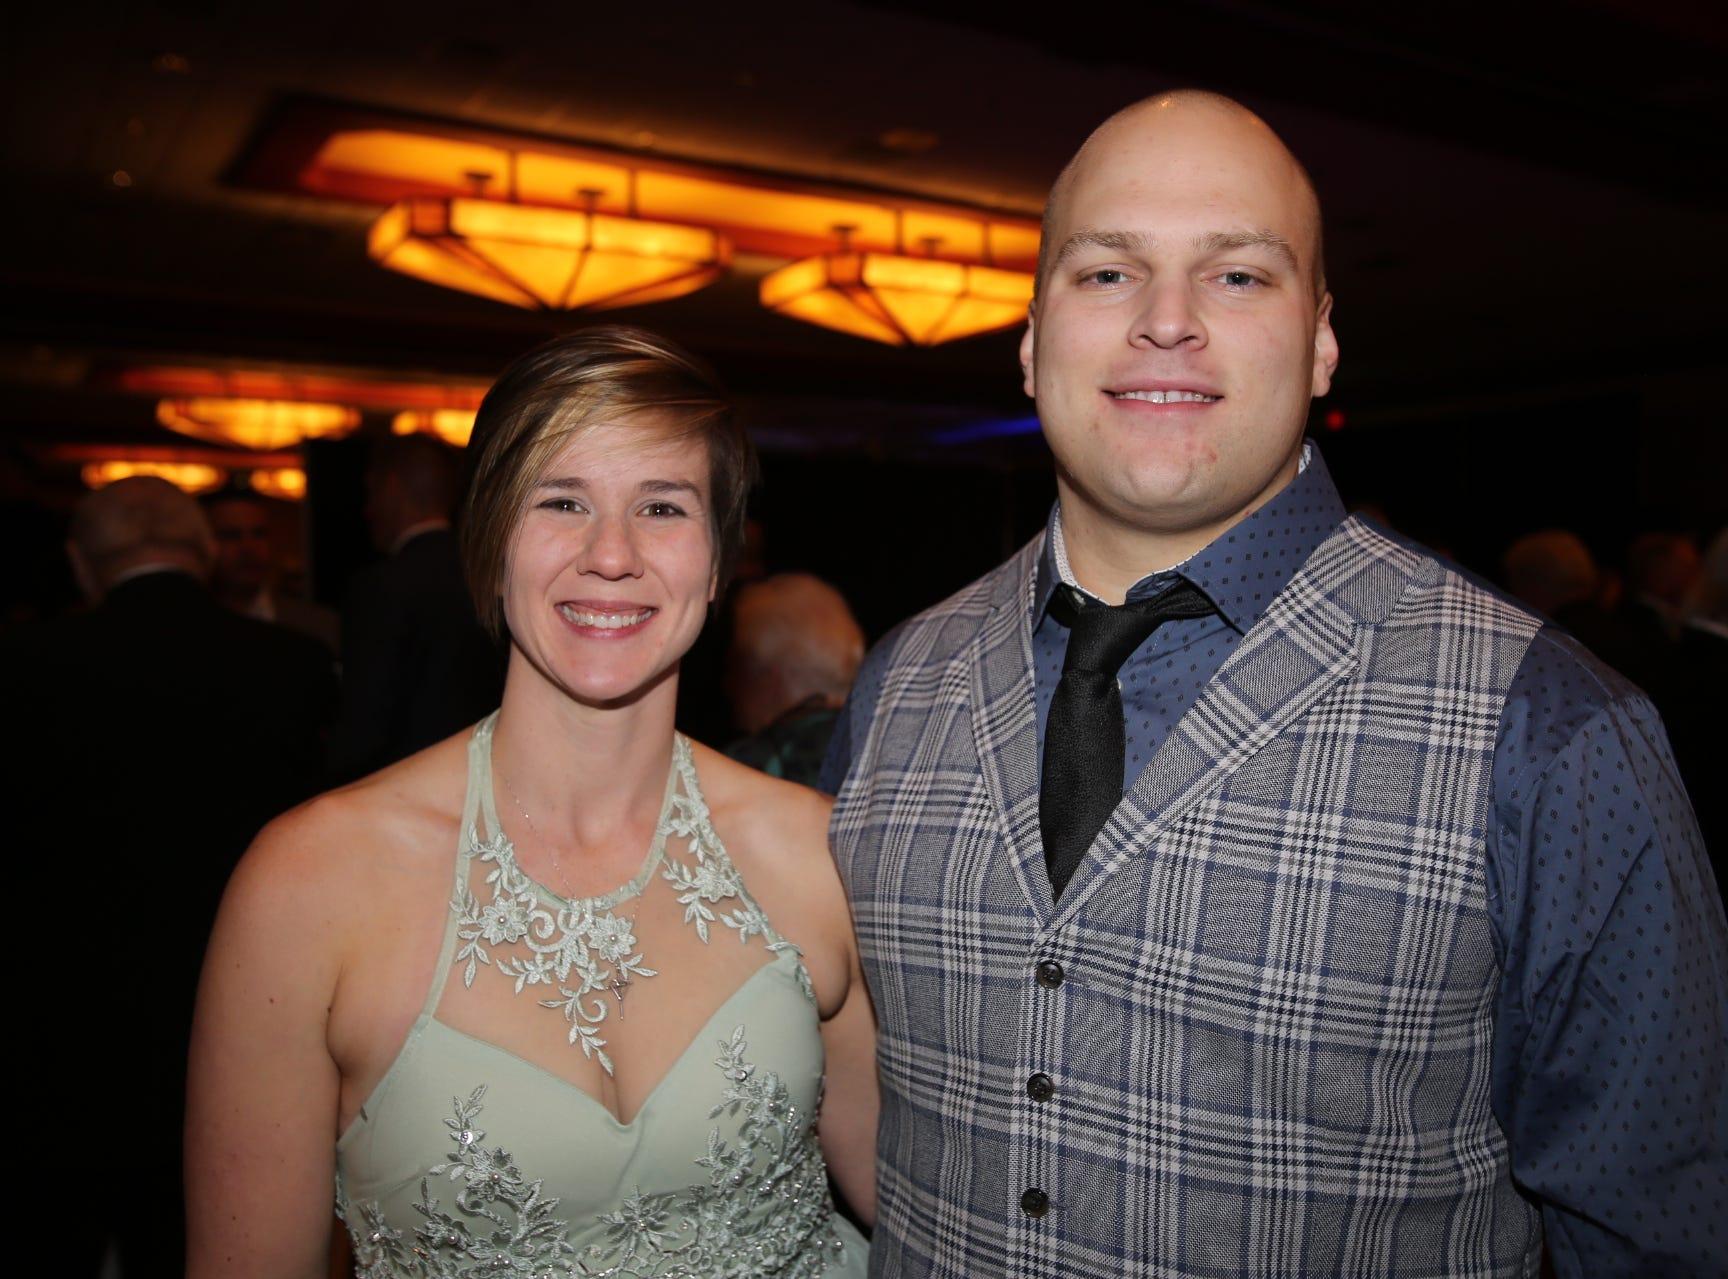 Jodi and Daniel Curro